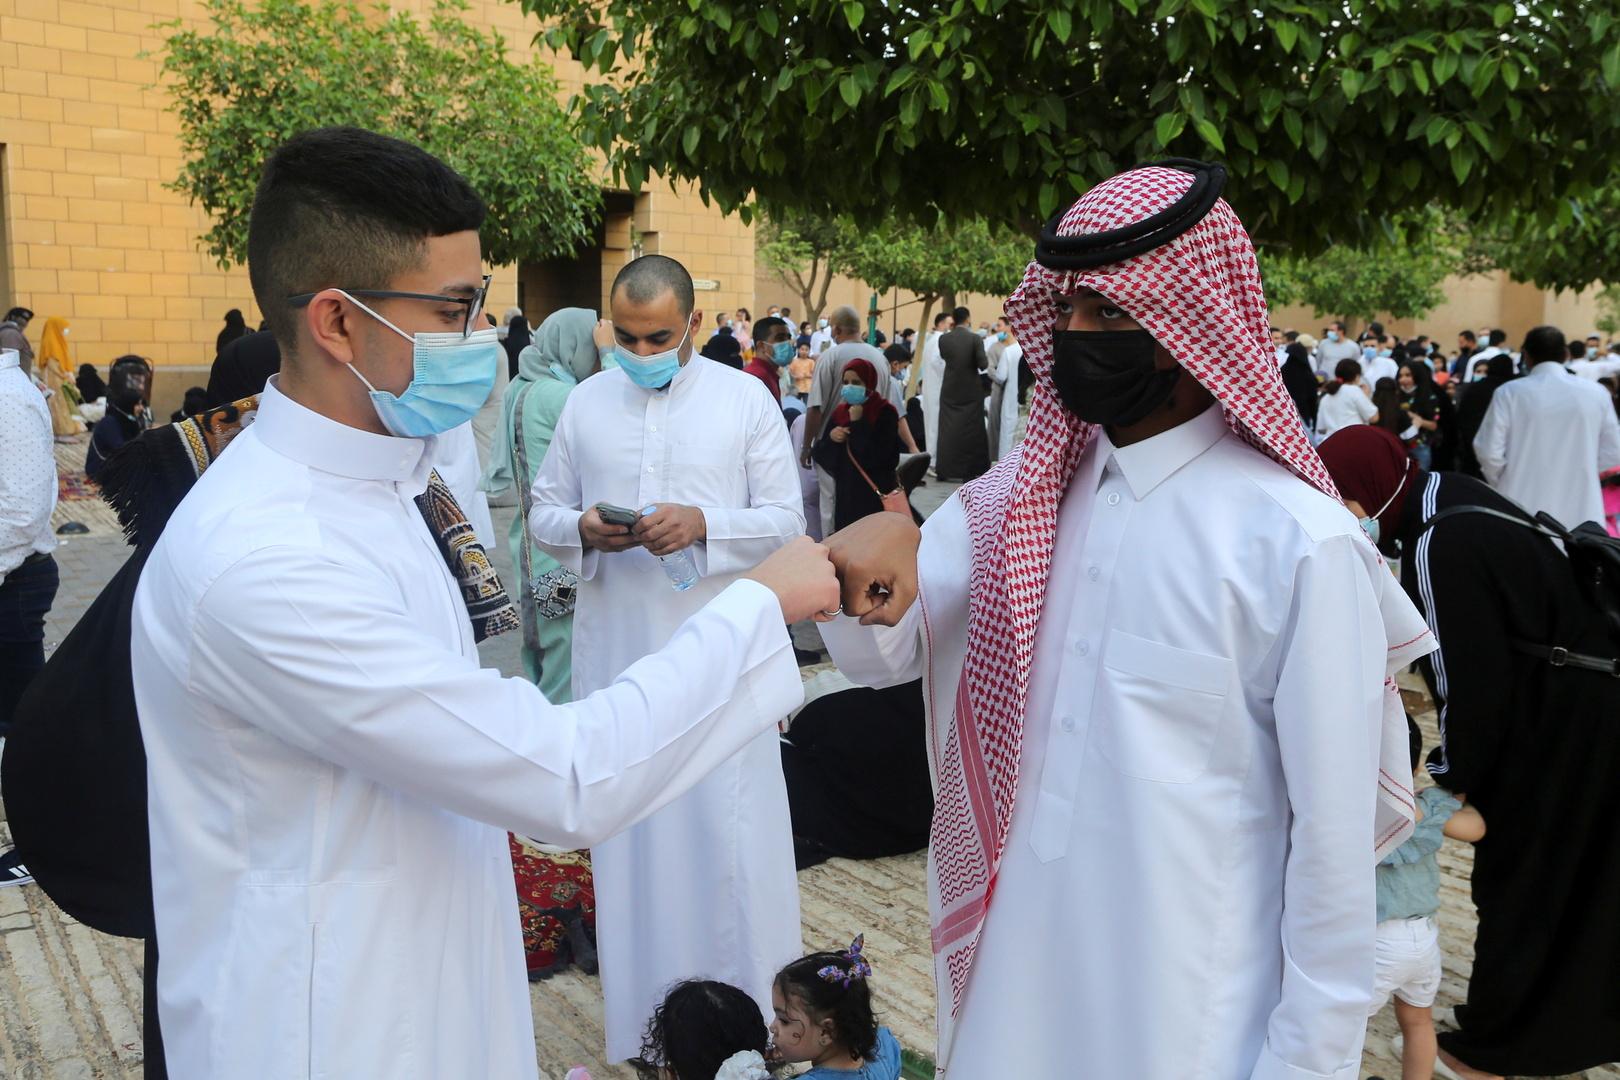 سعوديون يلقون التحية بالقبضات جراء فيروس كورونا